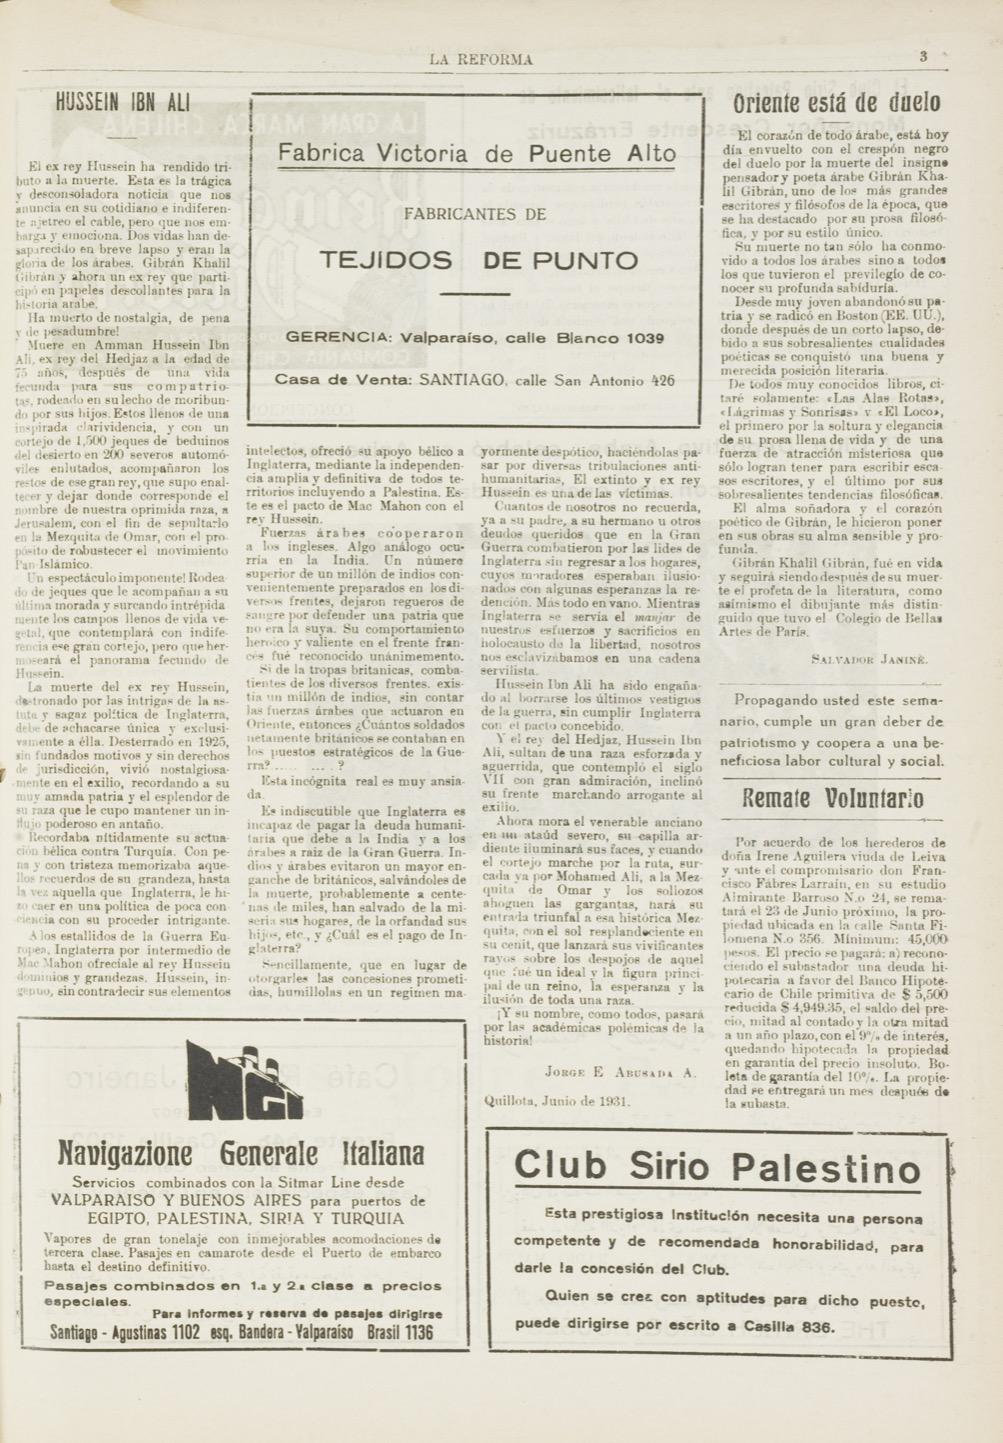 """Salvador Janiné, """"Oriente está de duelo"""", La Reforma, Jun 13, 1931, p. 3."""